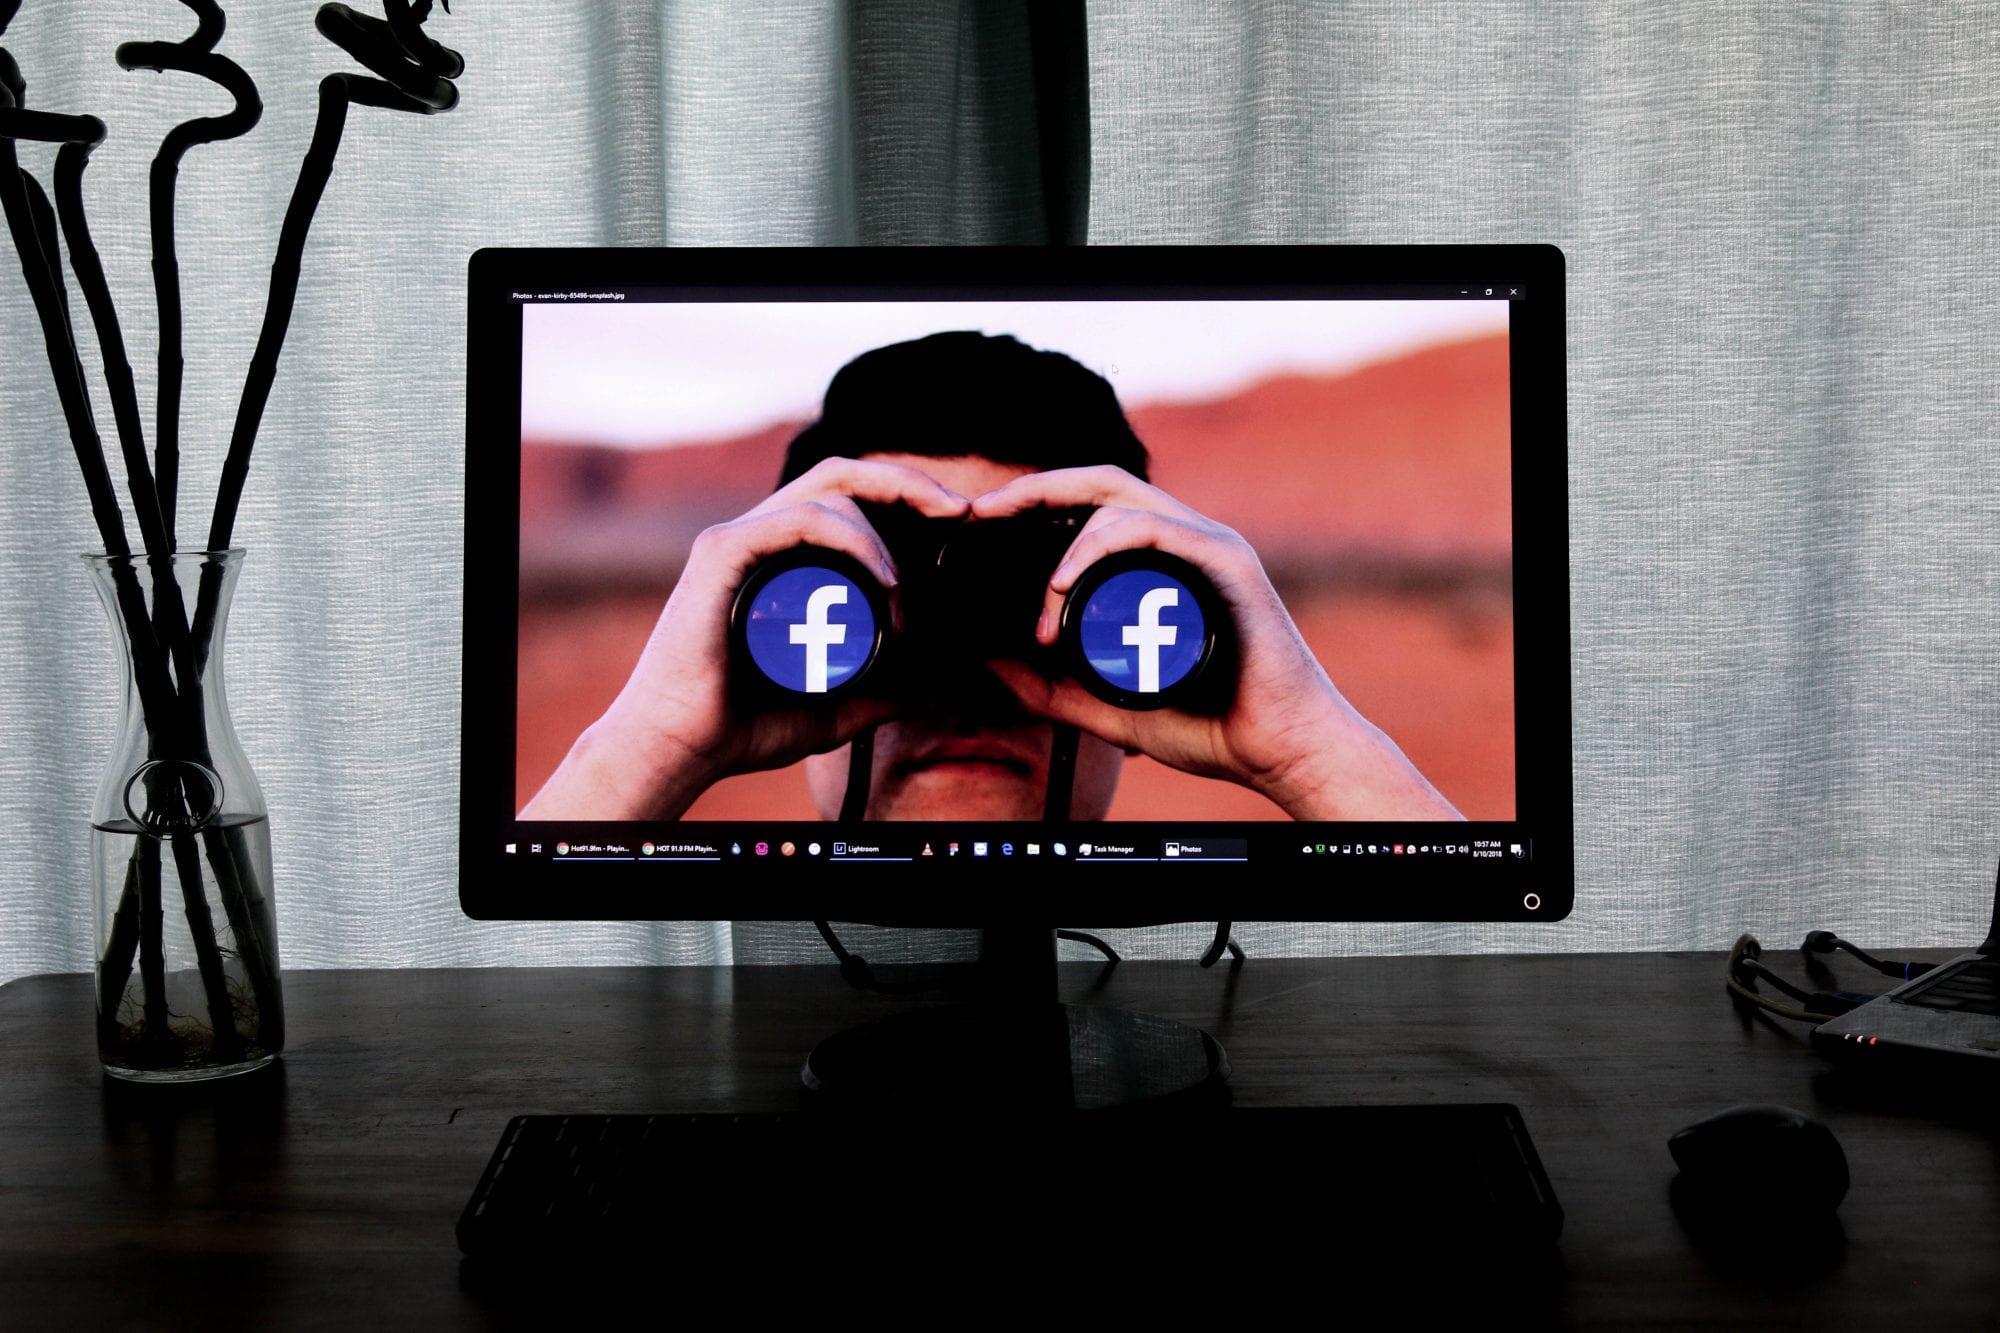 تعليق إدارة فيسبوك علي تحديث واتساب الجديد: هل تؤكد مشكلة الخصوصية ولا الناس بتبالغ؟